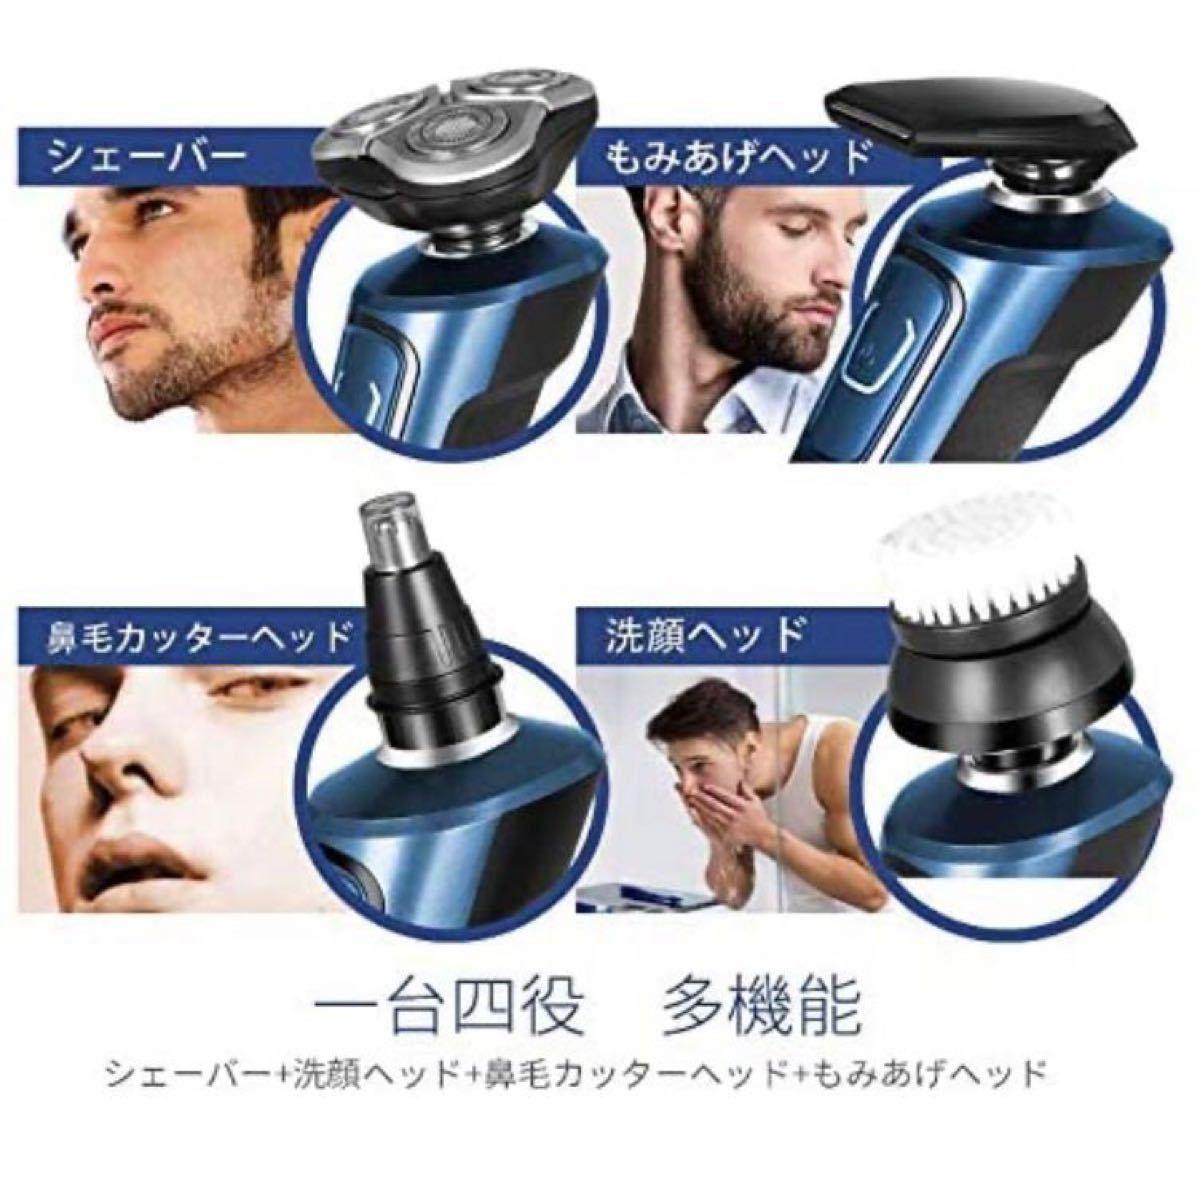 電動シェーバー 電気シェーバー 髭剃り USB充電式 1台3役 3枚刃 回転式